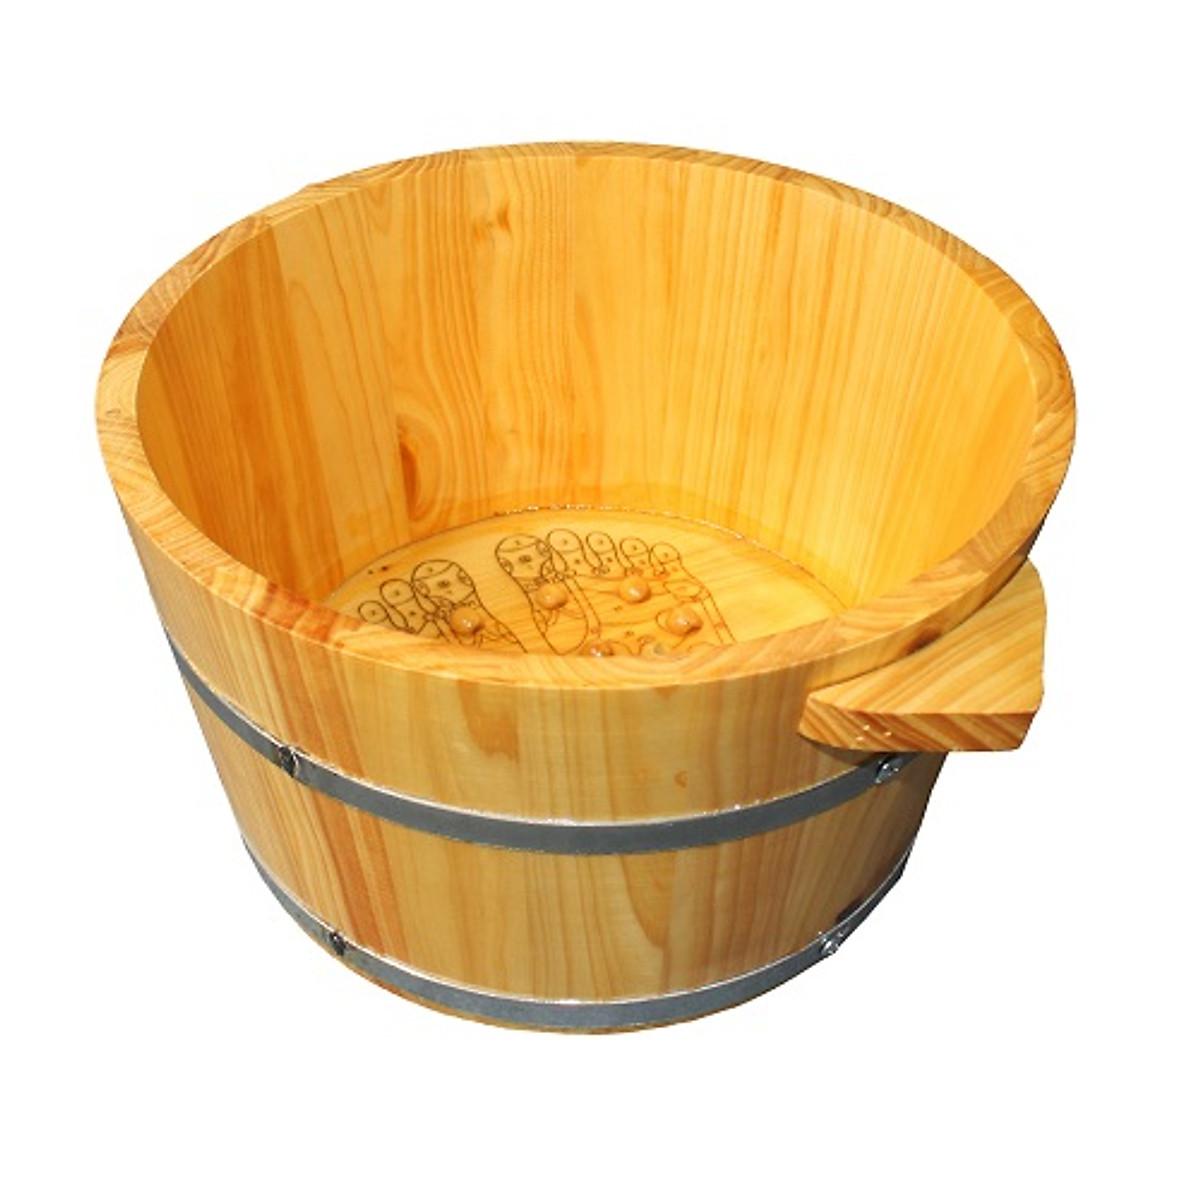 Chậu ngâm chân bằng gỗ thông